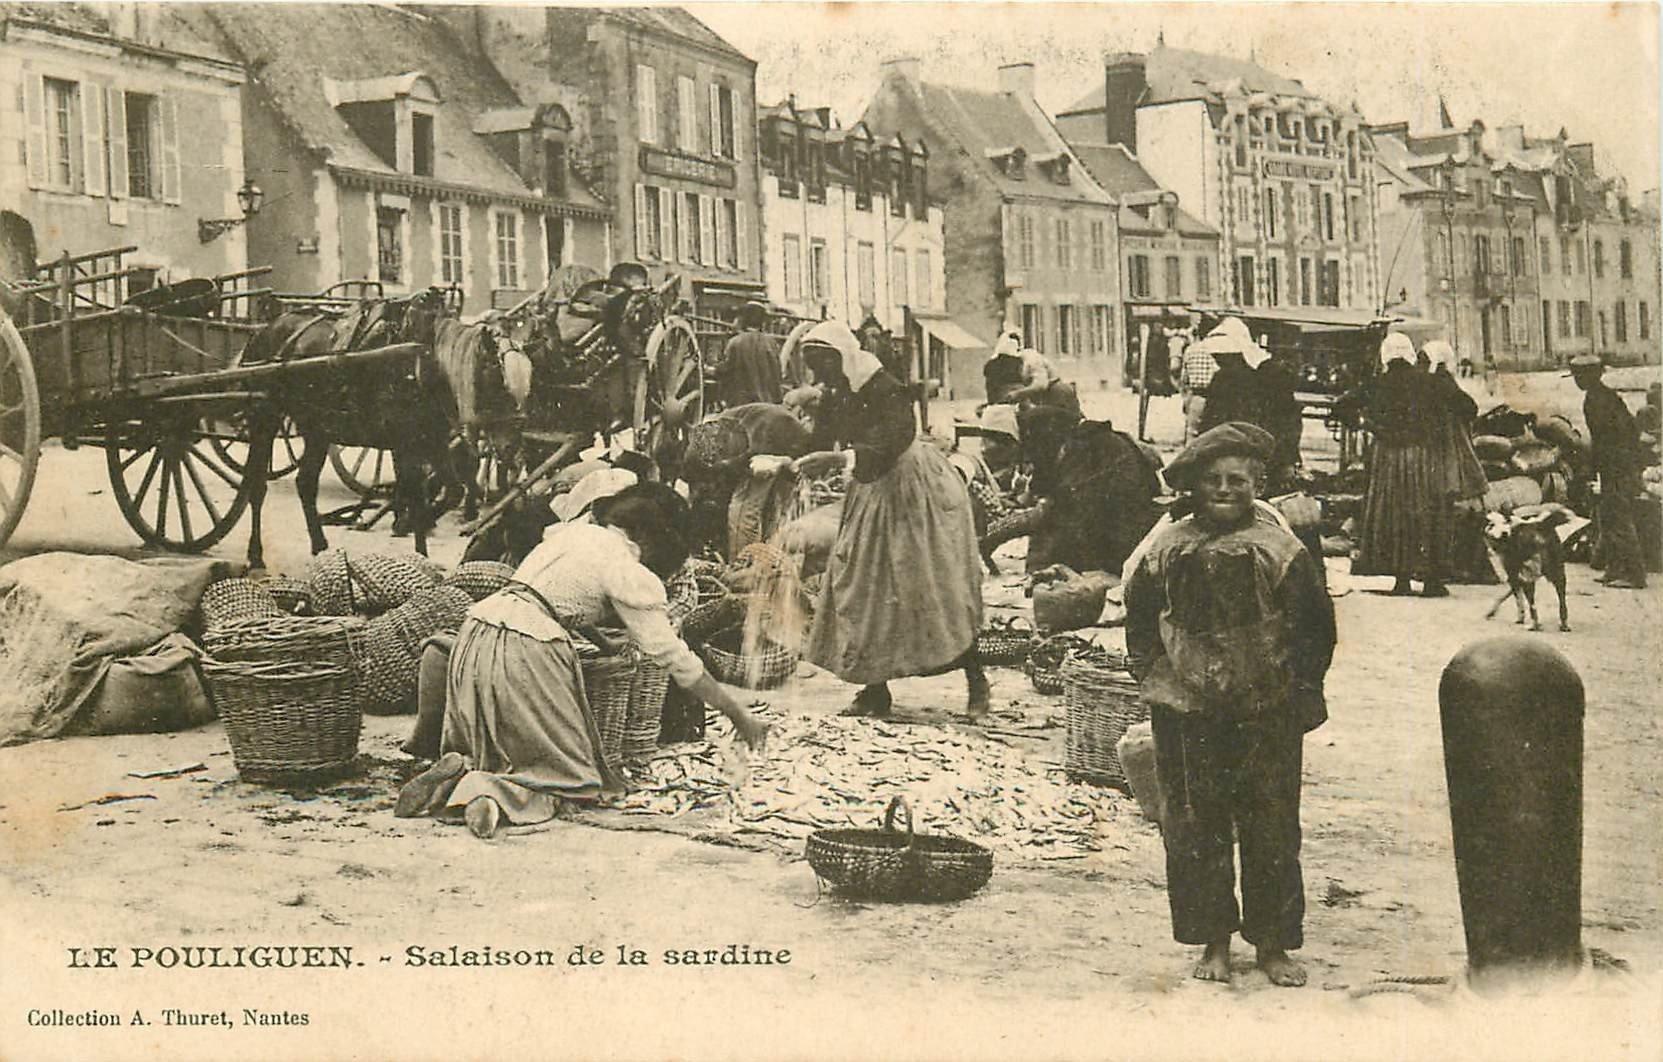 44 LE POULIGUEN. Salaison de la Sardine vers 1900. Attelages et métiers de la Mer